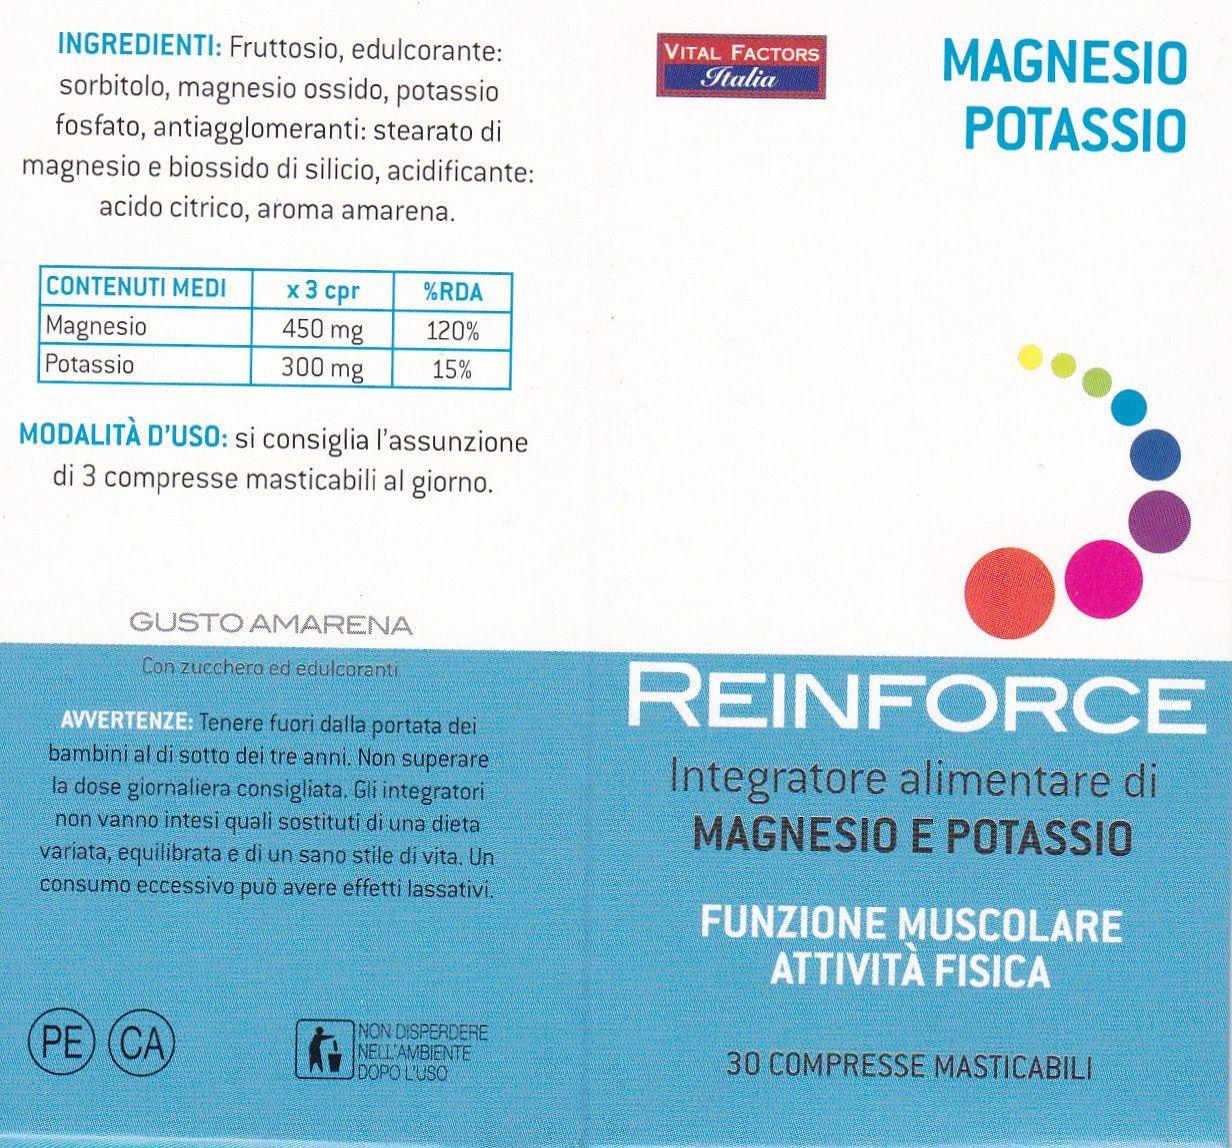 Magnesio + Potassio  Masticabile- REIFORCE VITAL FACTORS